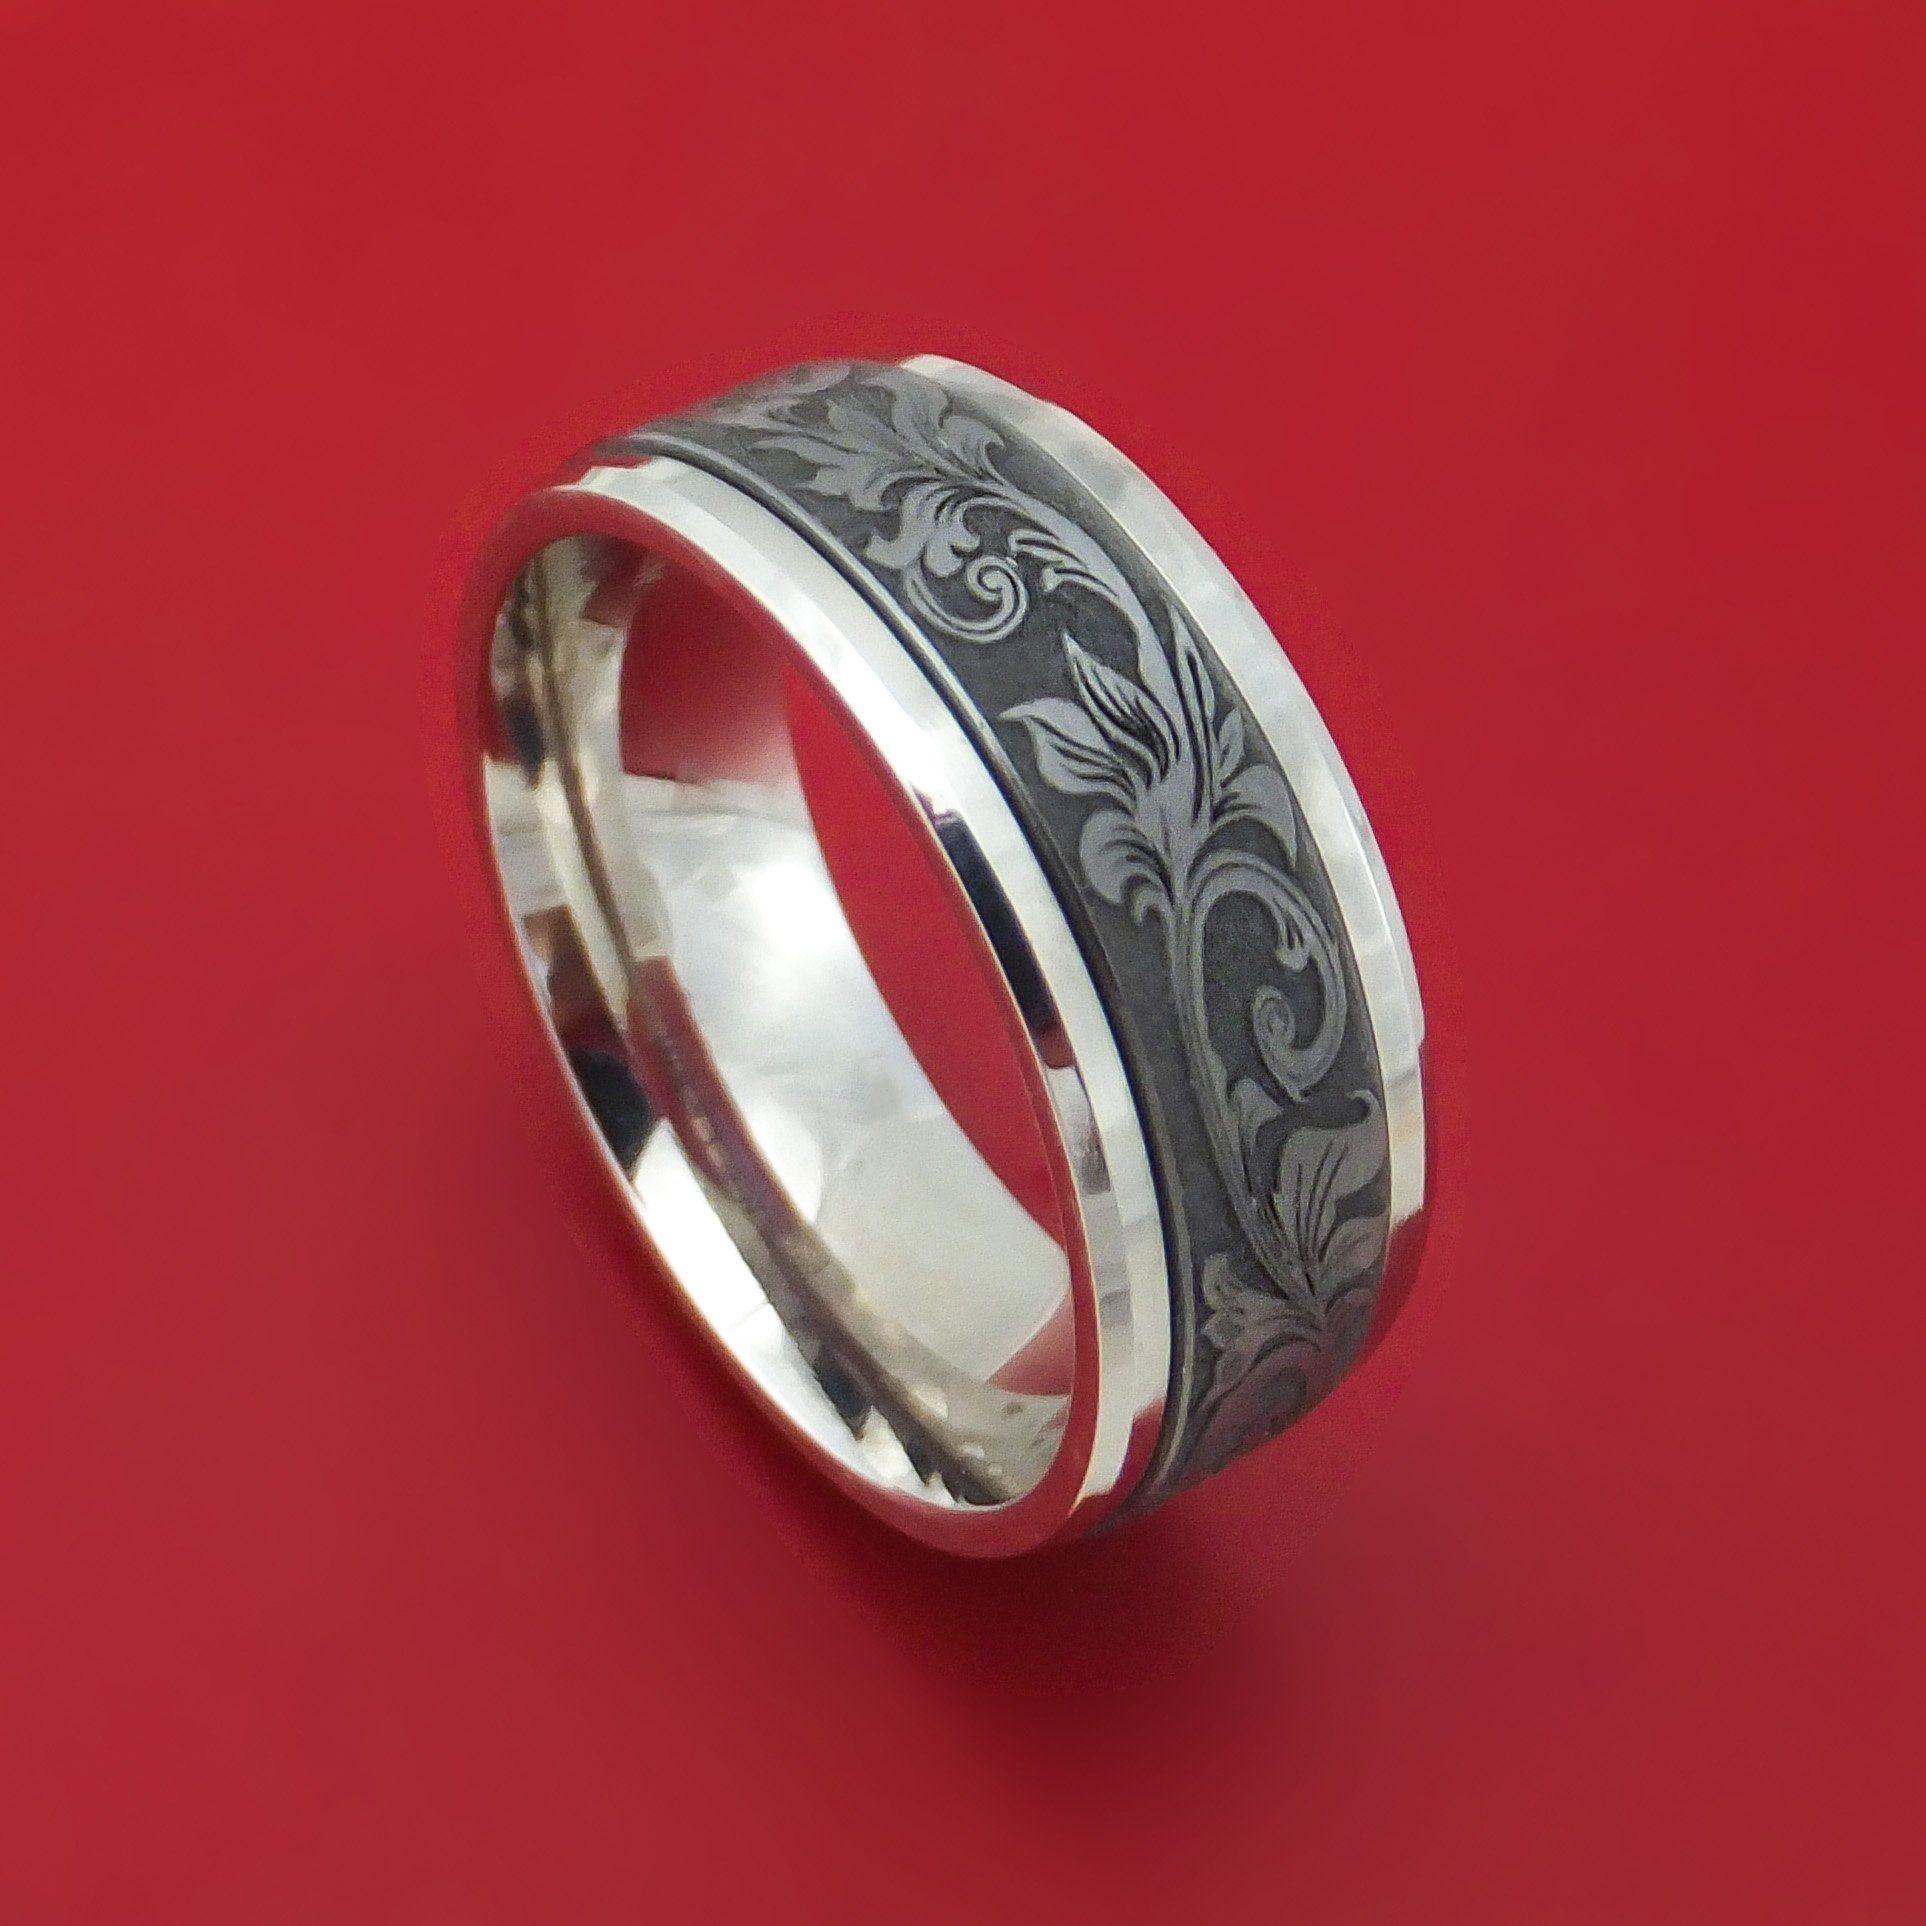 14k white gold and floral design tantalum ring 14k white